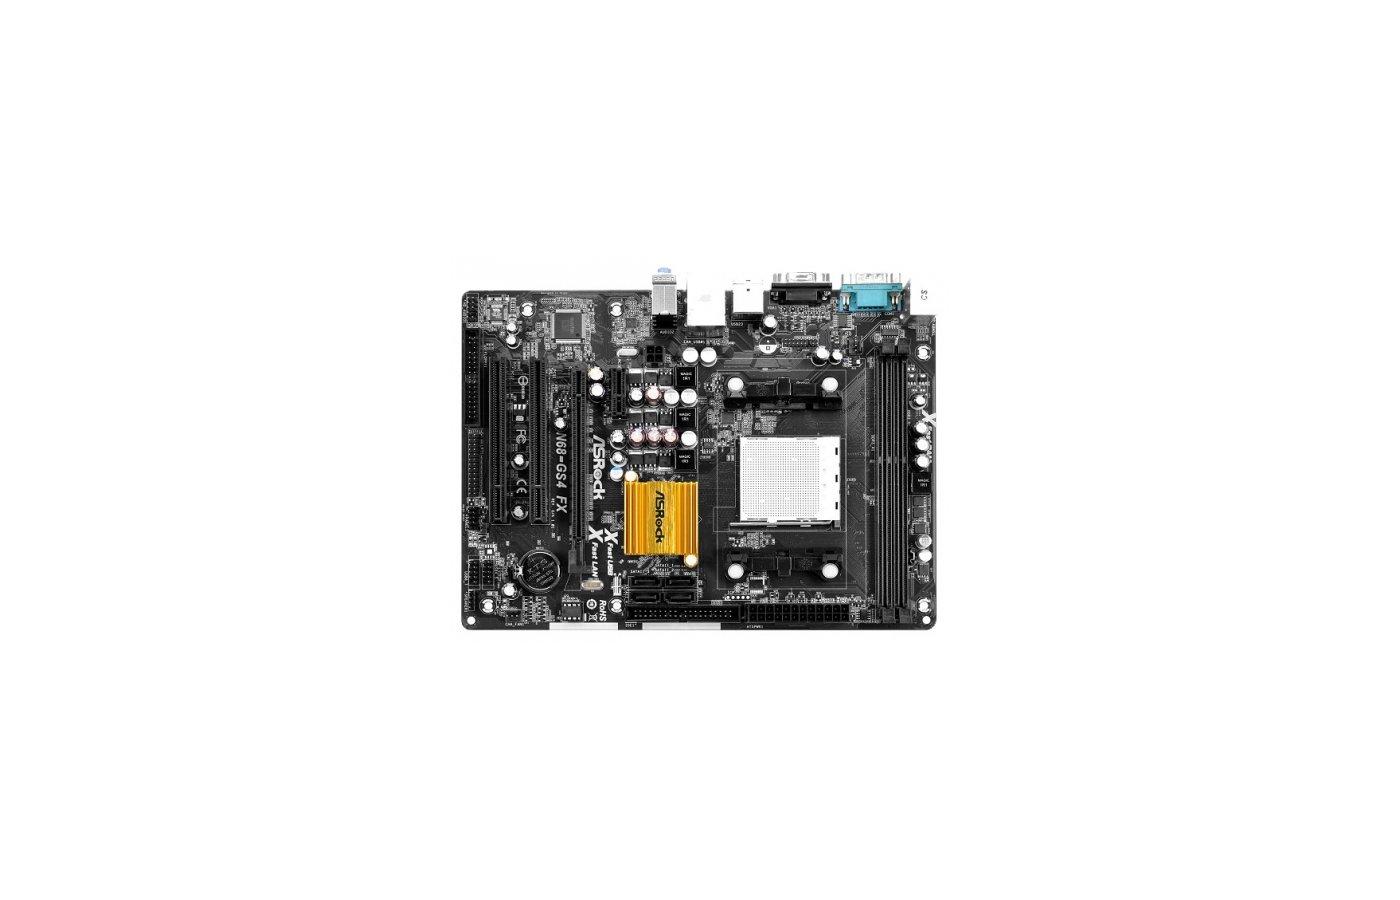 Материнская плата Asrock N68-GS4 FX Soc-AM3+ nVidia GeForce 7025 2xDDR3 mATX AC`97 6ch(5.1)